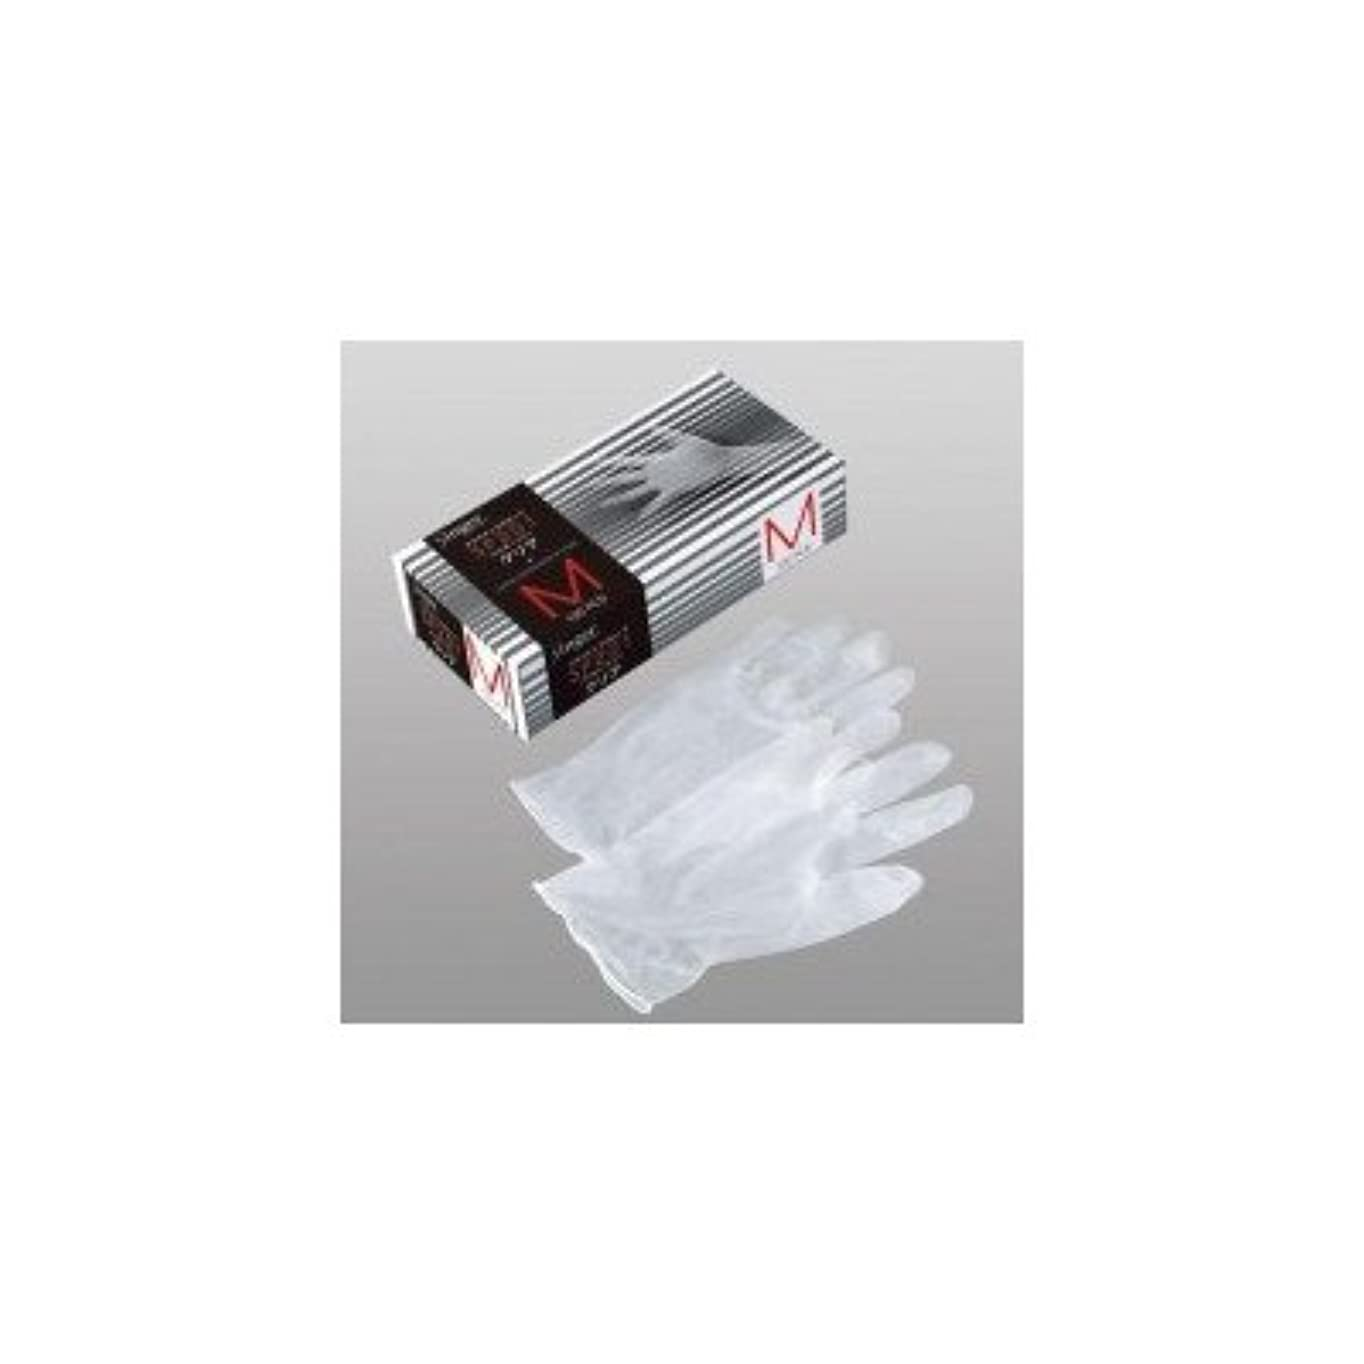 それによって焦げ利用可能シンガープラスチックグローブ(手袋) SP201 パウダーフリー クリアー(100枚) S( 画像はイメージ画像です お届けの商品はSのみとなります)